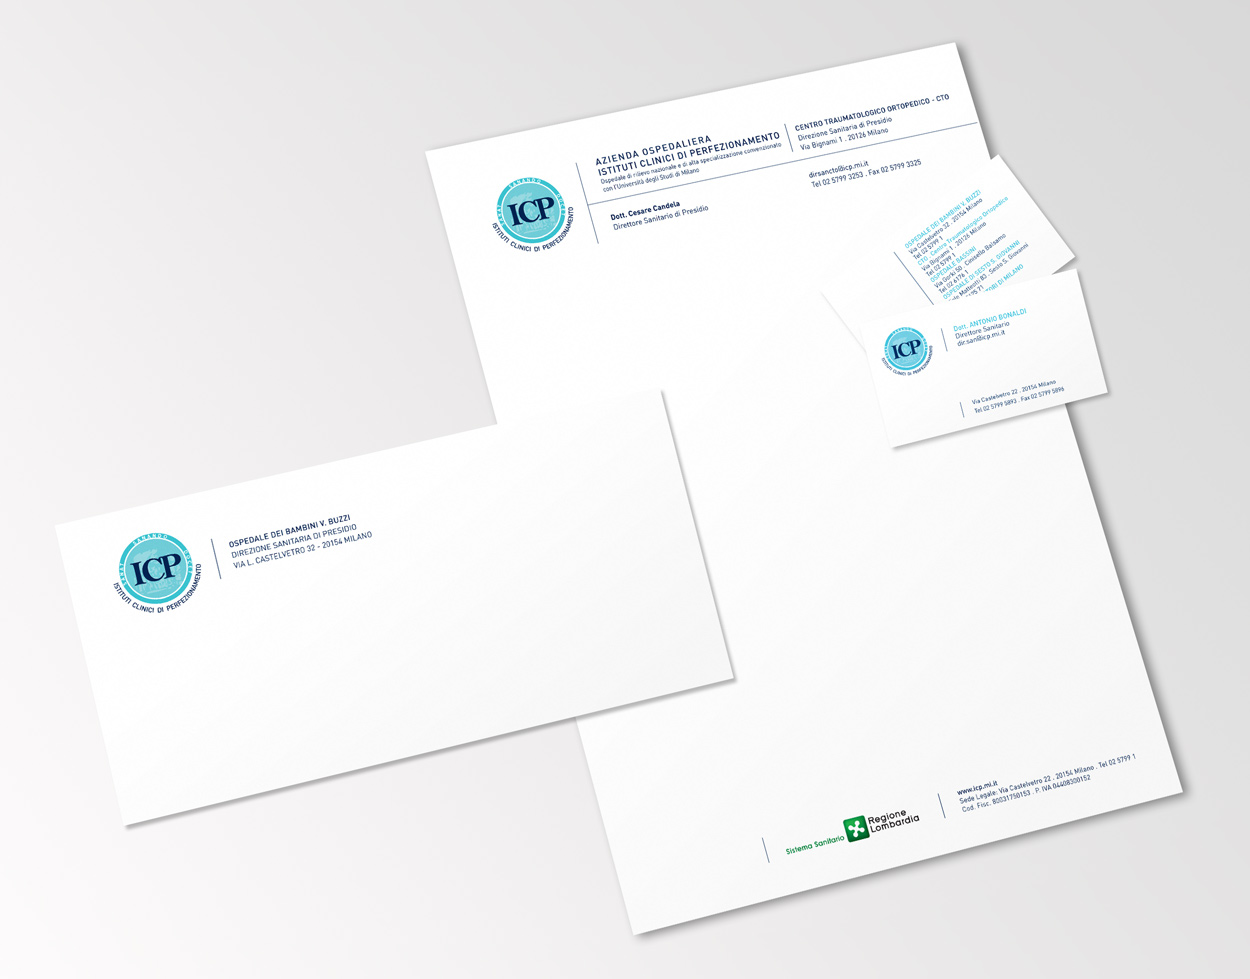 Estremamente ICP | CURIOUS design Portfolio LU08